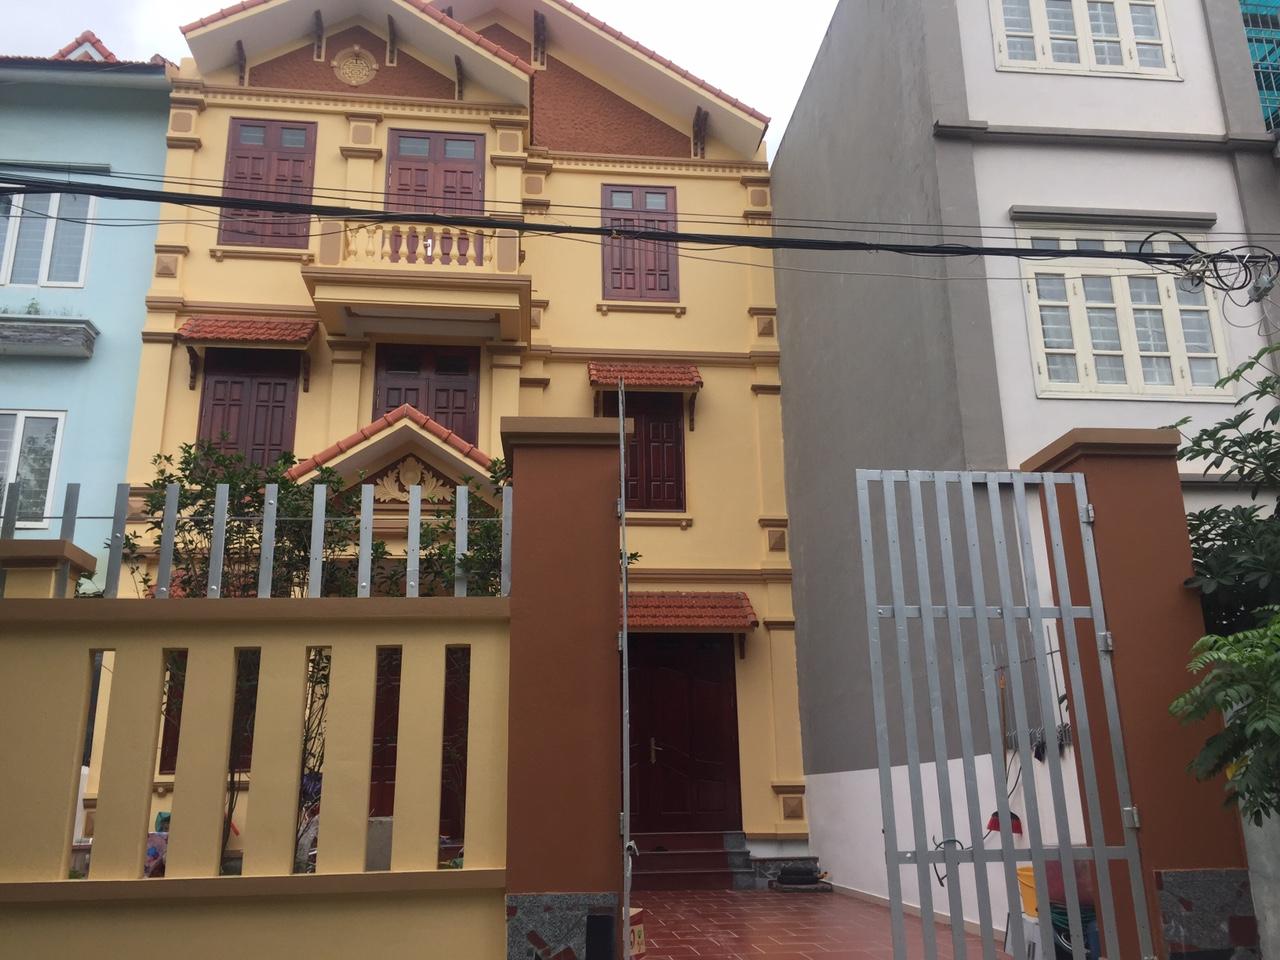 Cho thuê nhà Phường Liên Bảo, Vĩnh Yên, Vĩnh Phúc diện tích 180m2 giá 25 Triệu/tháng LH 0986797222